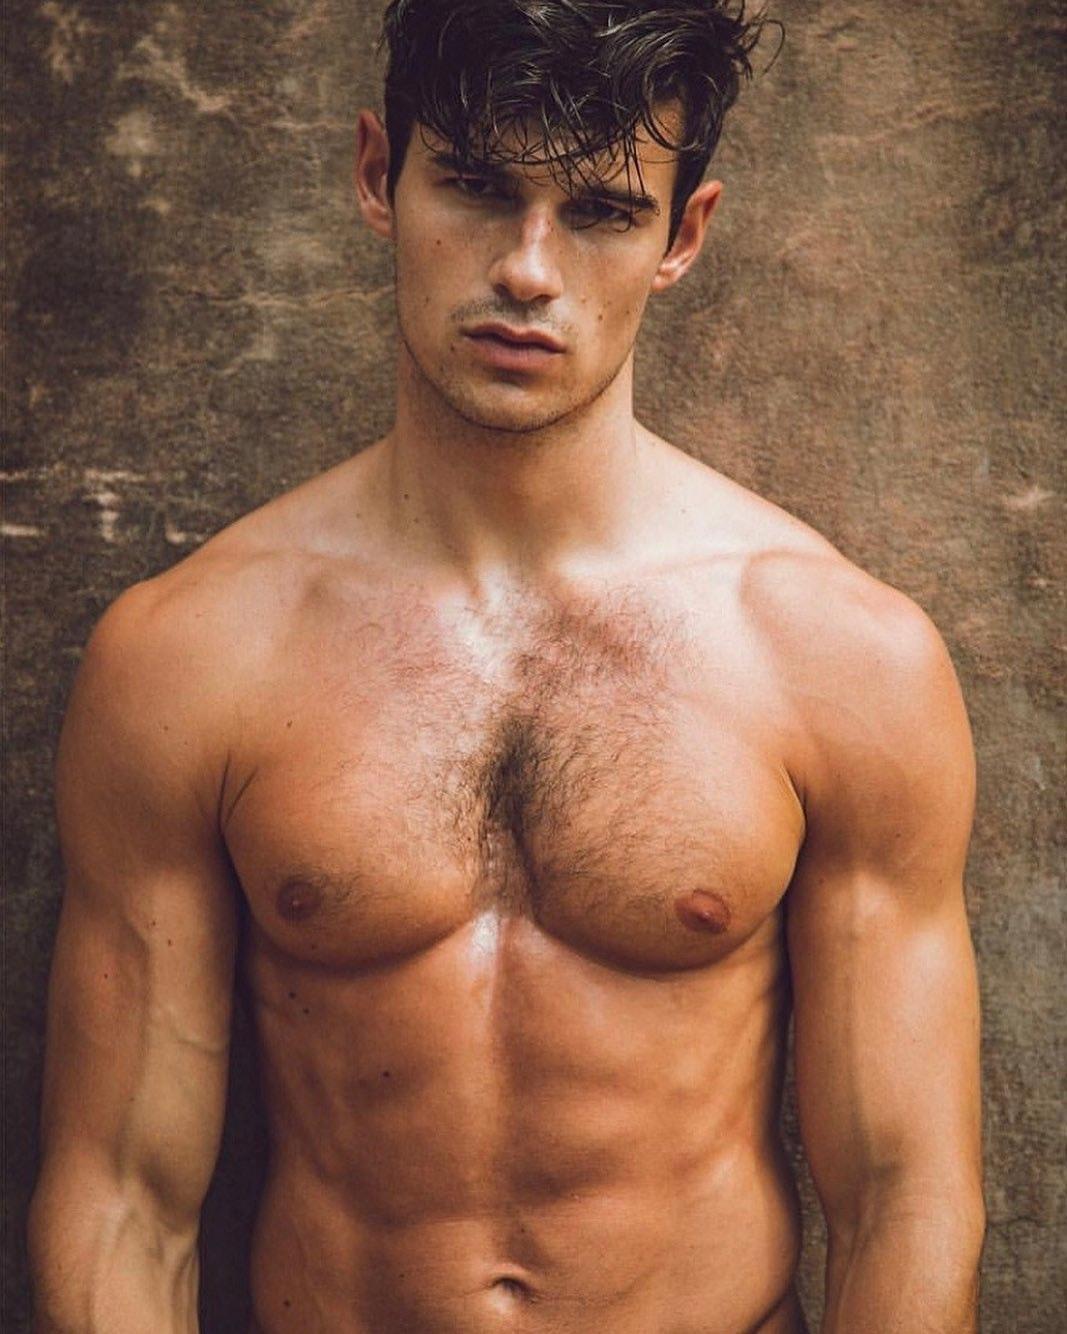 #men #twinks #hotmen #abs